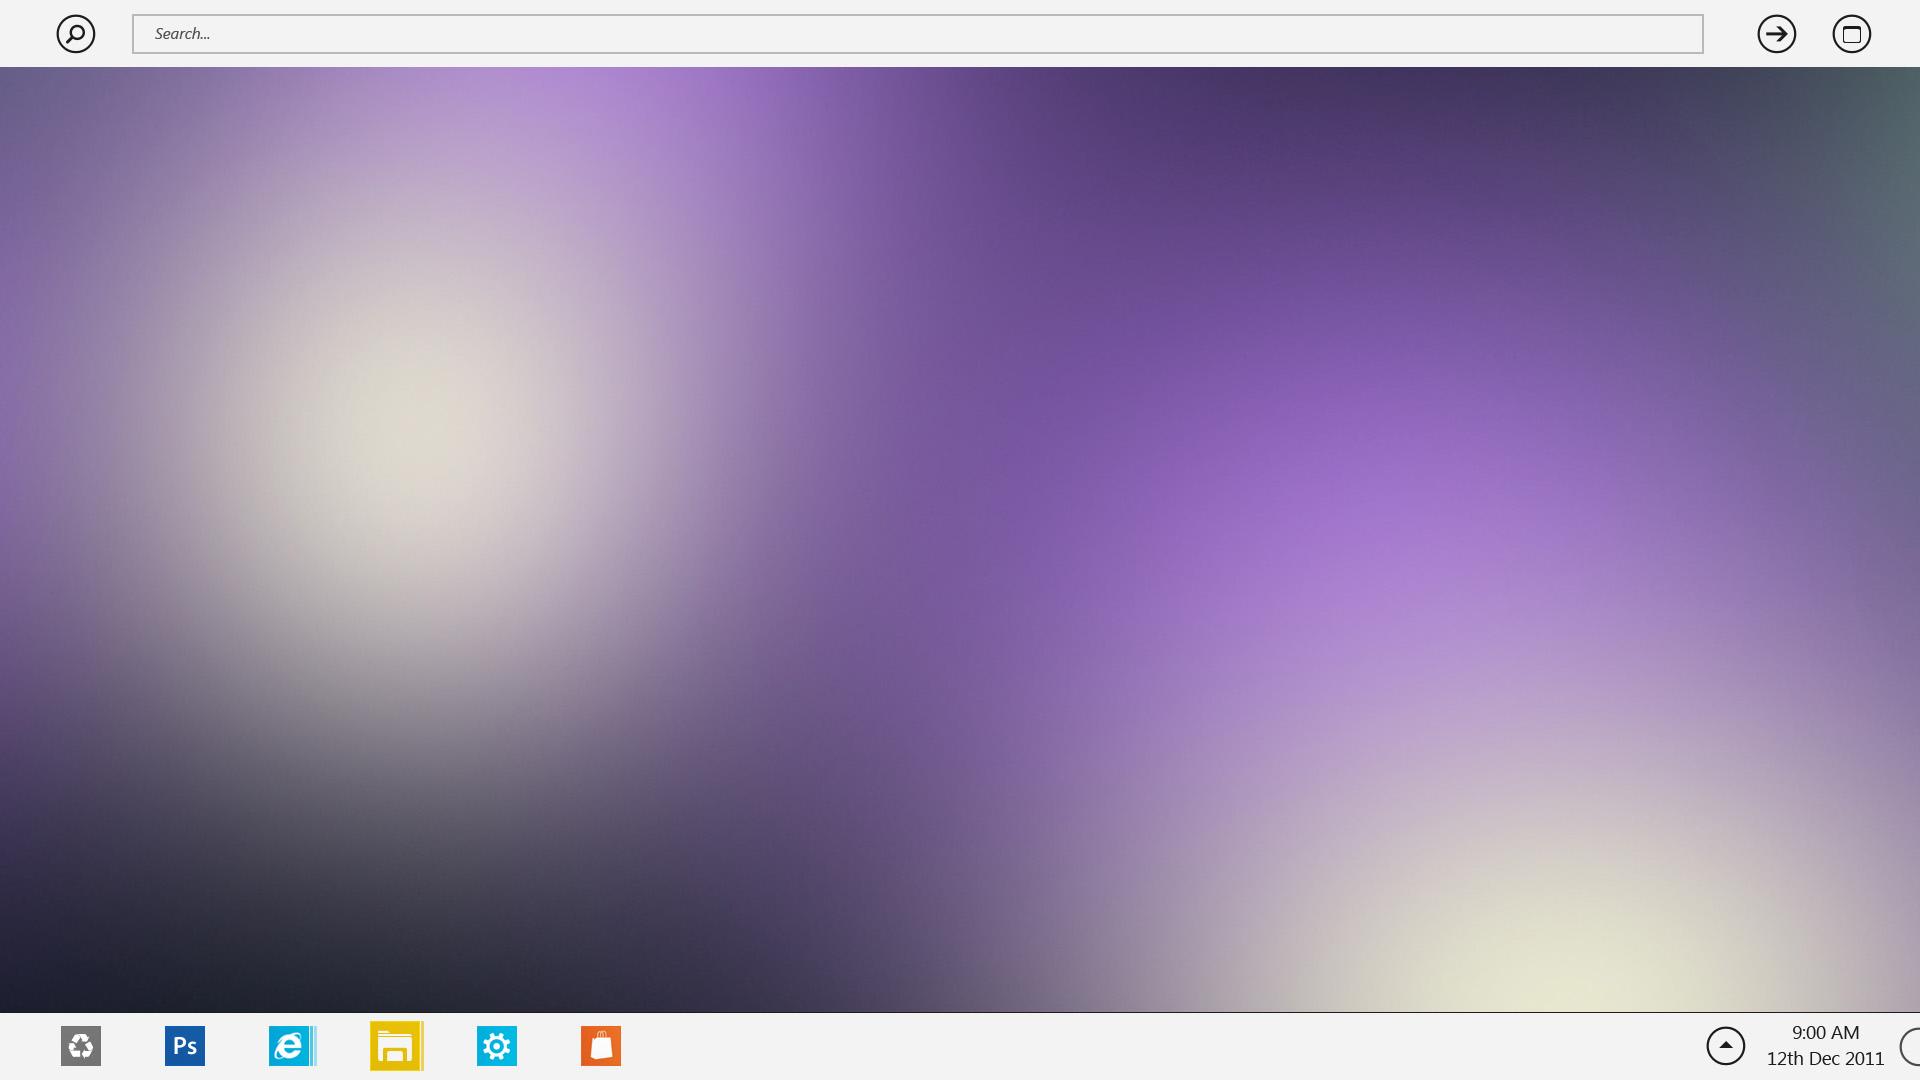 Windows 8 searchbar light by zainadeel